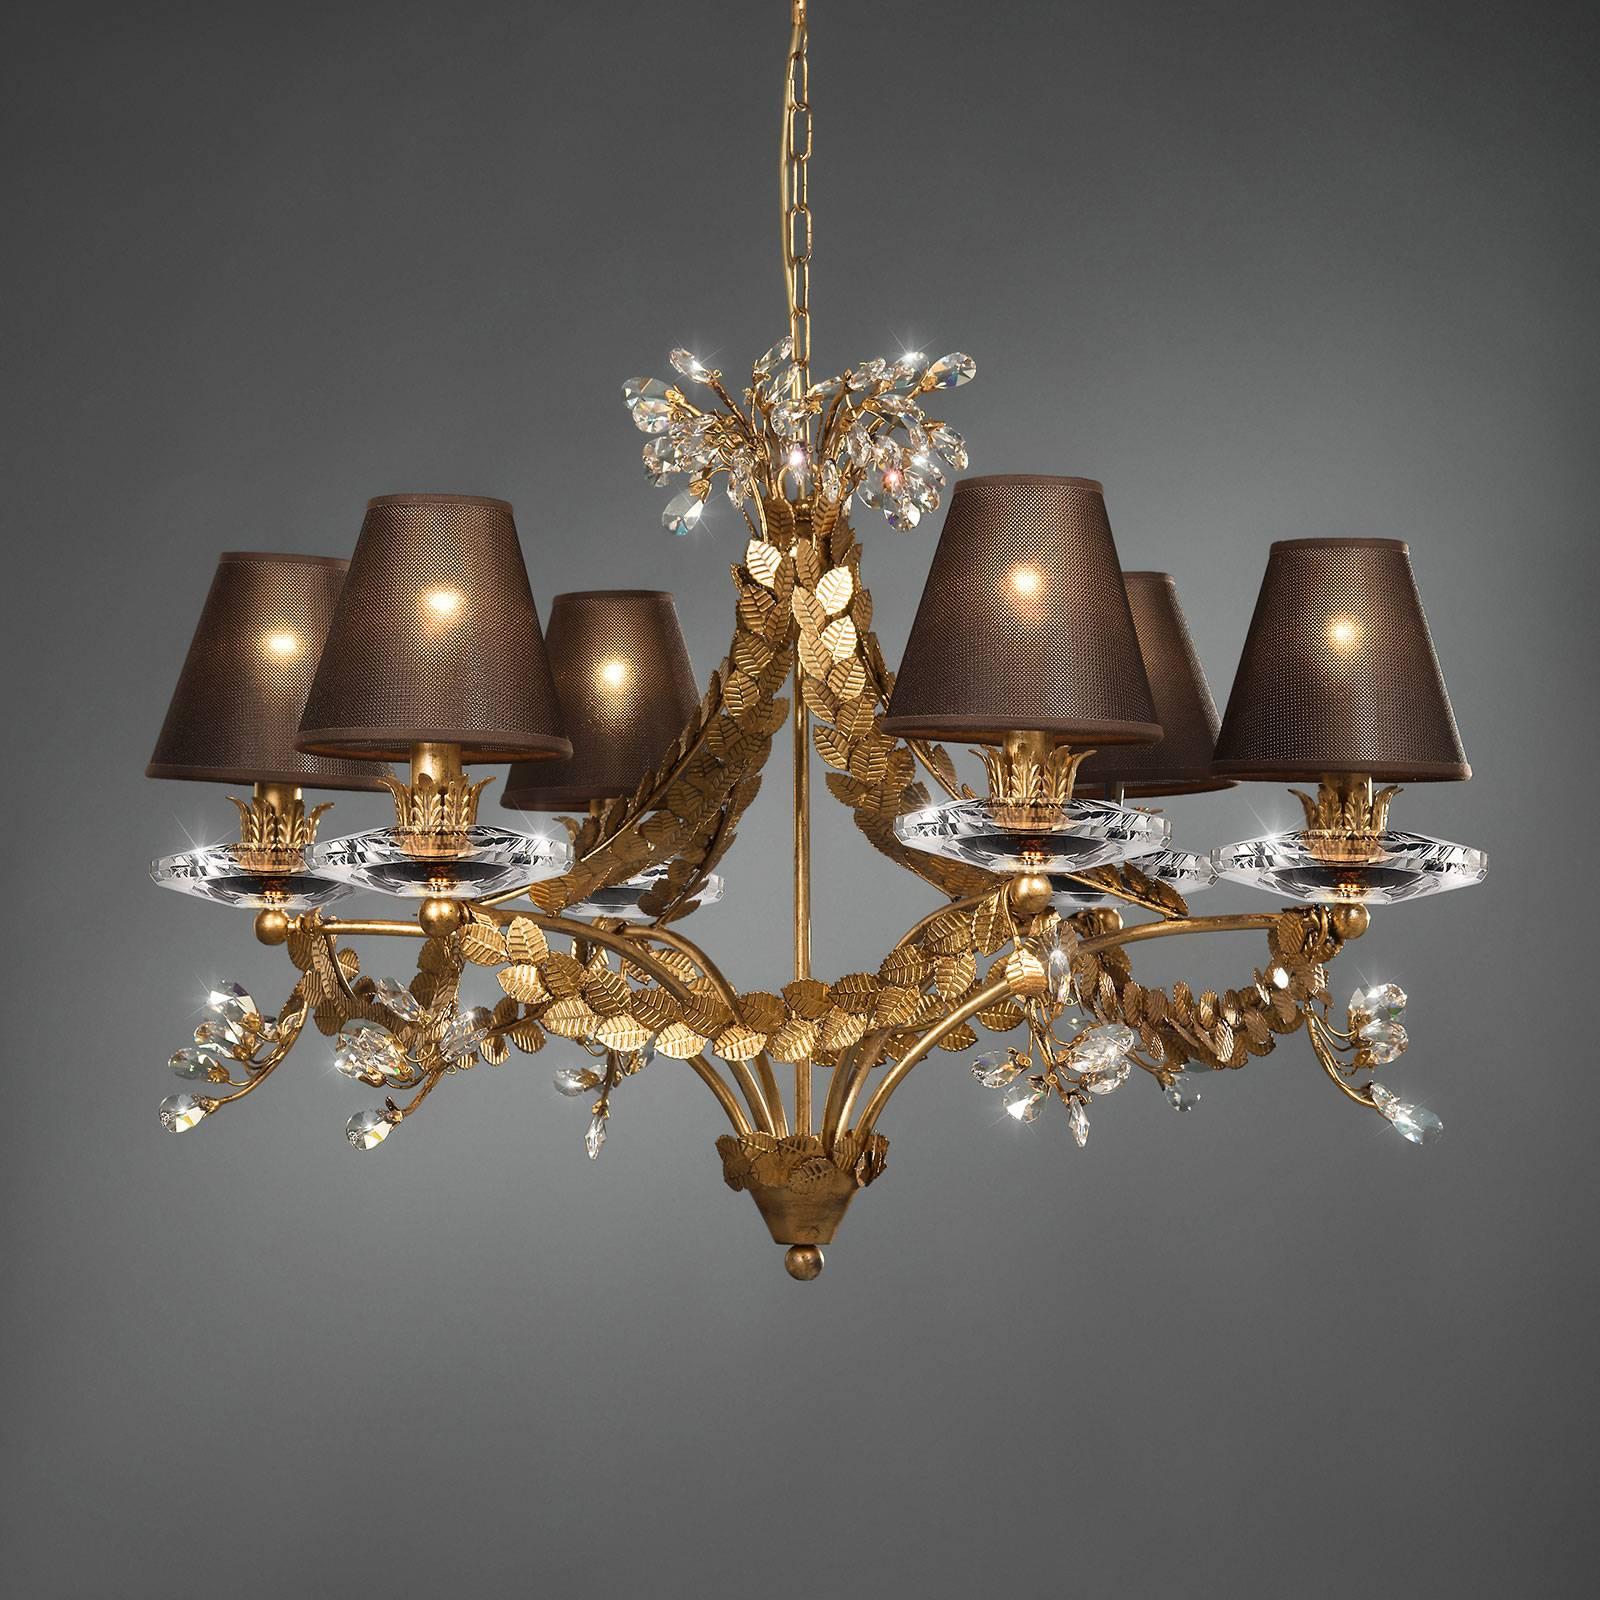 FOGLIAME - elegancki żyrandol ze złotem płatkowym